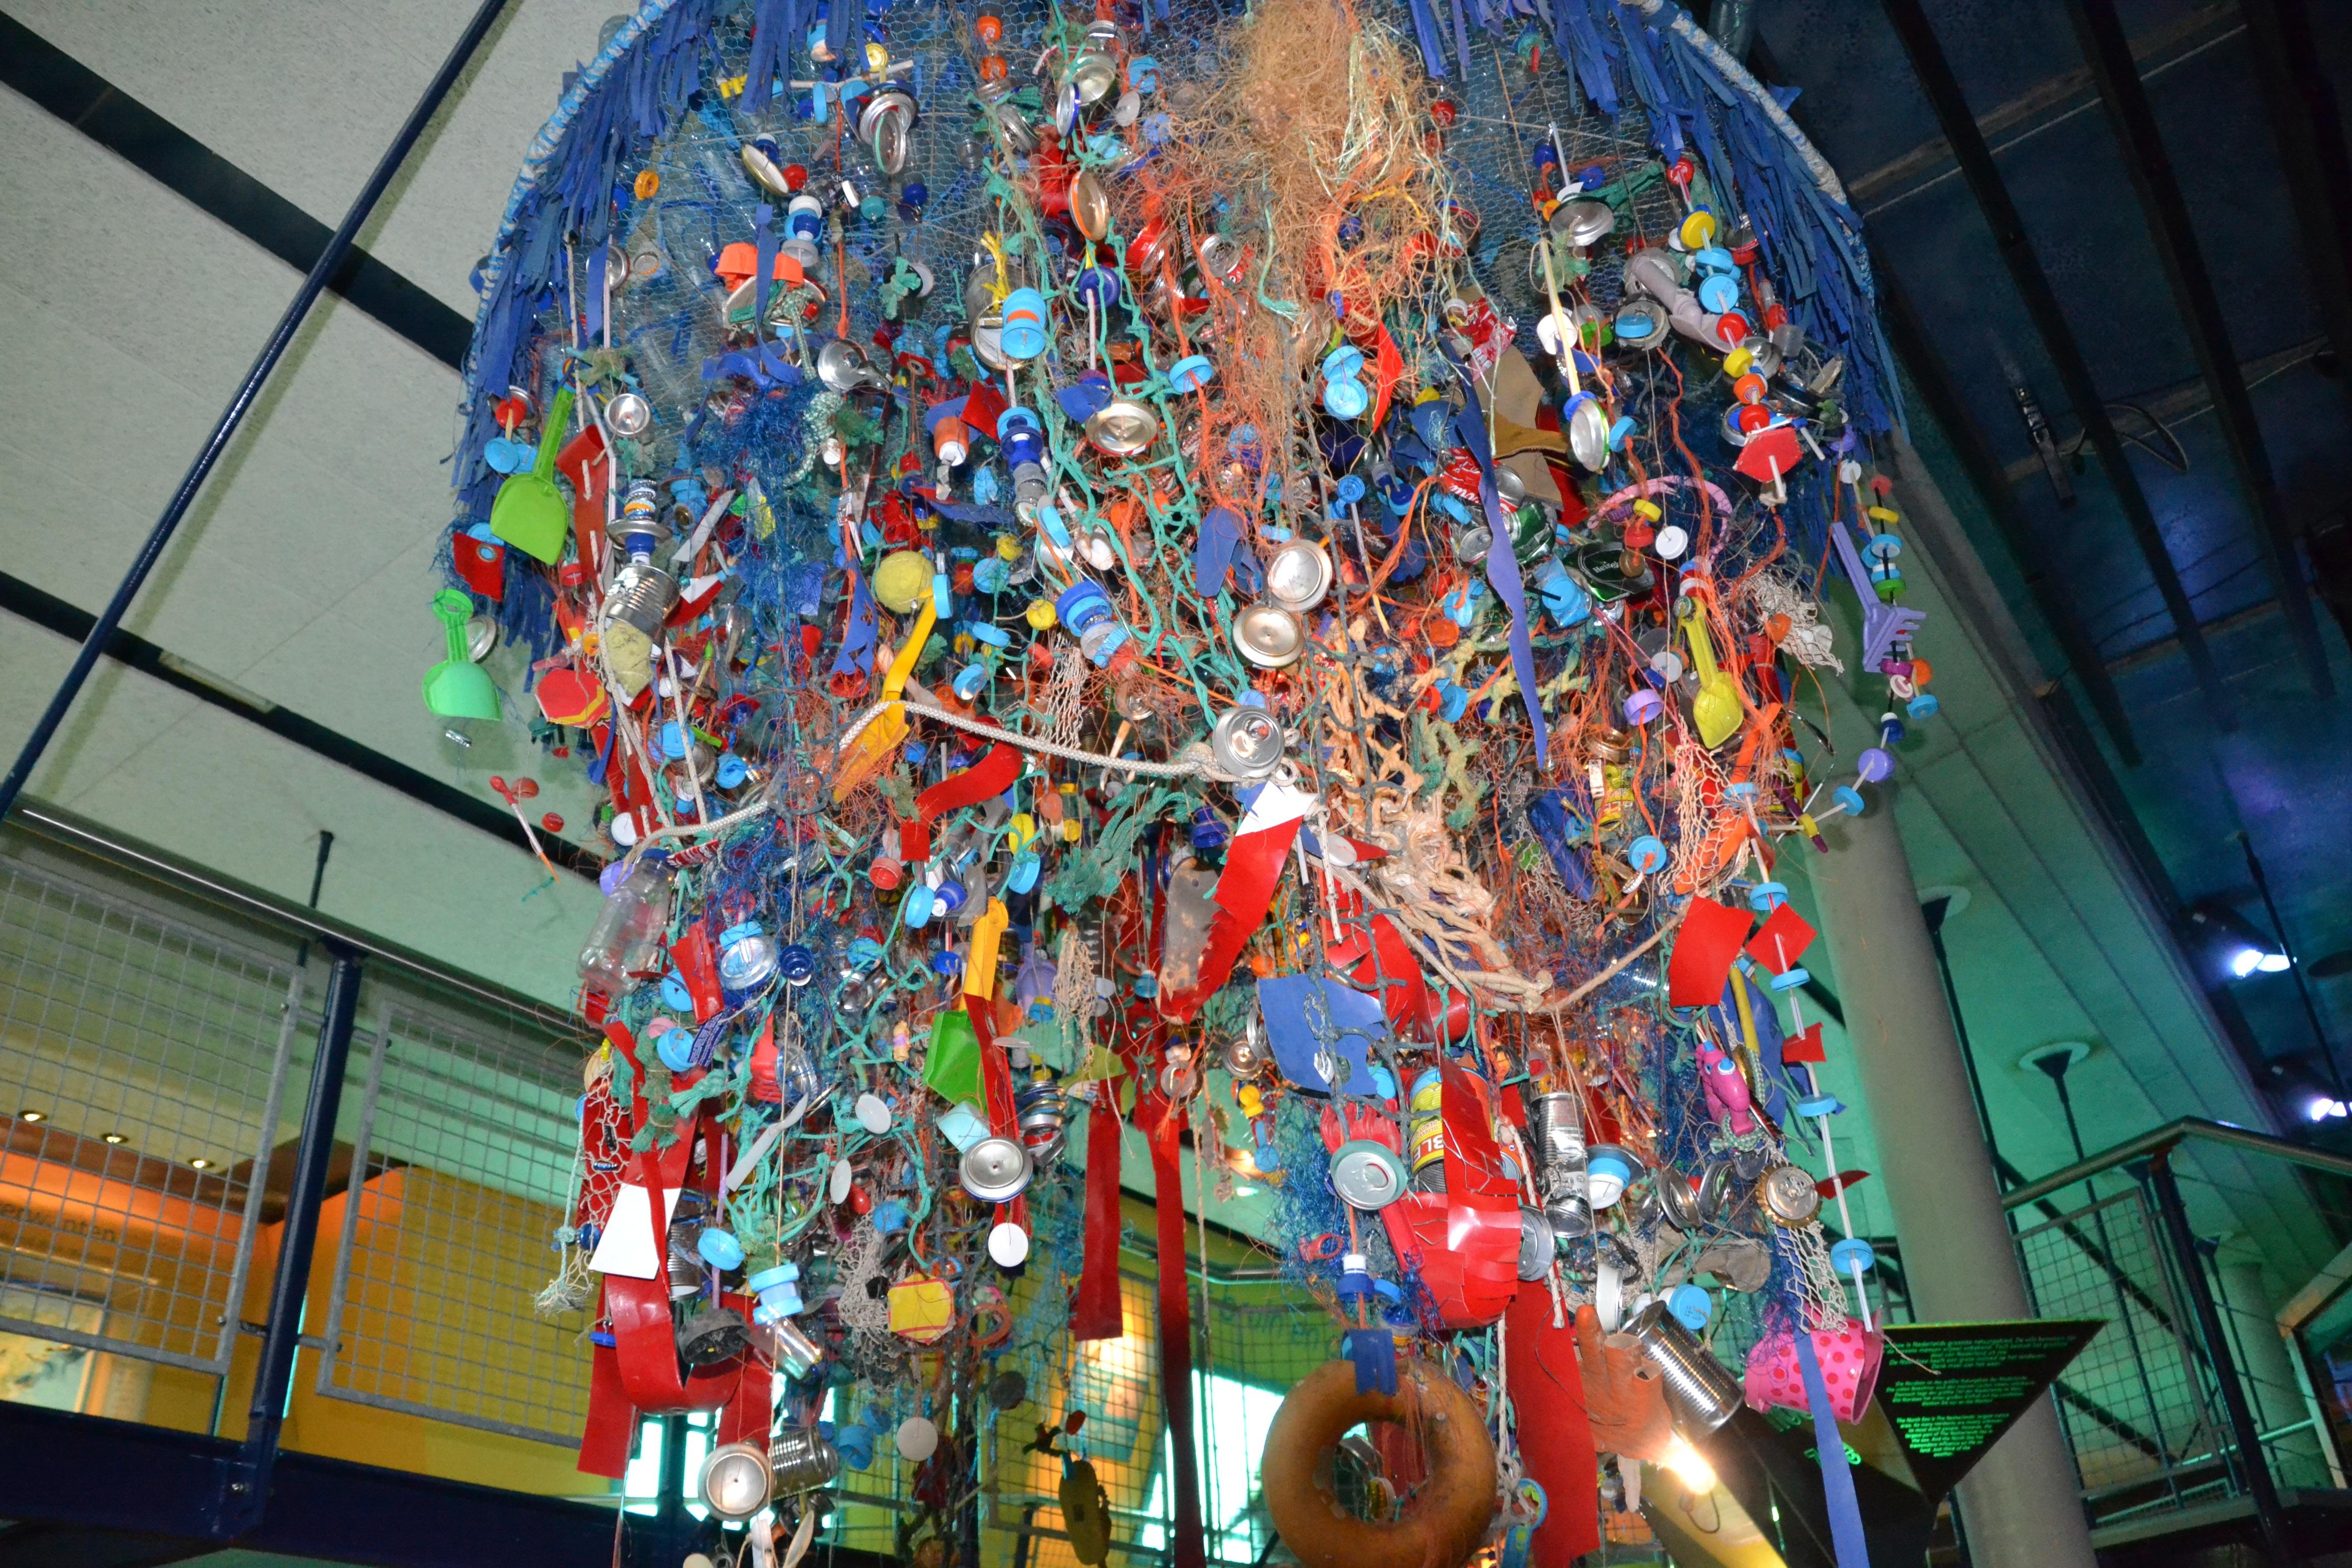 Citaten Kunst Yang Bagus : Gambar kaca warna gantung seni sampah laut utara